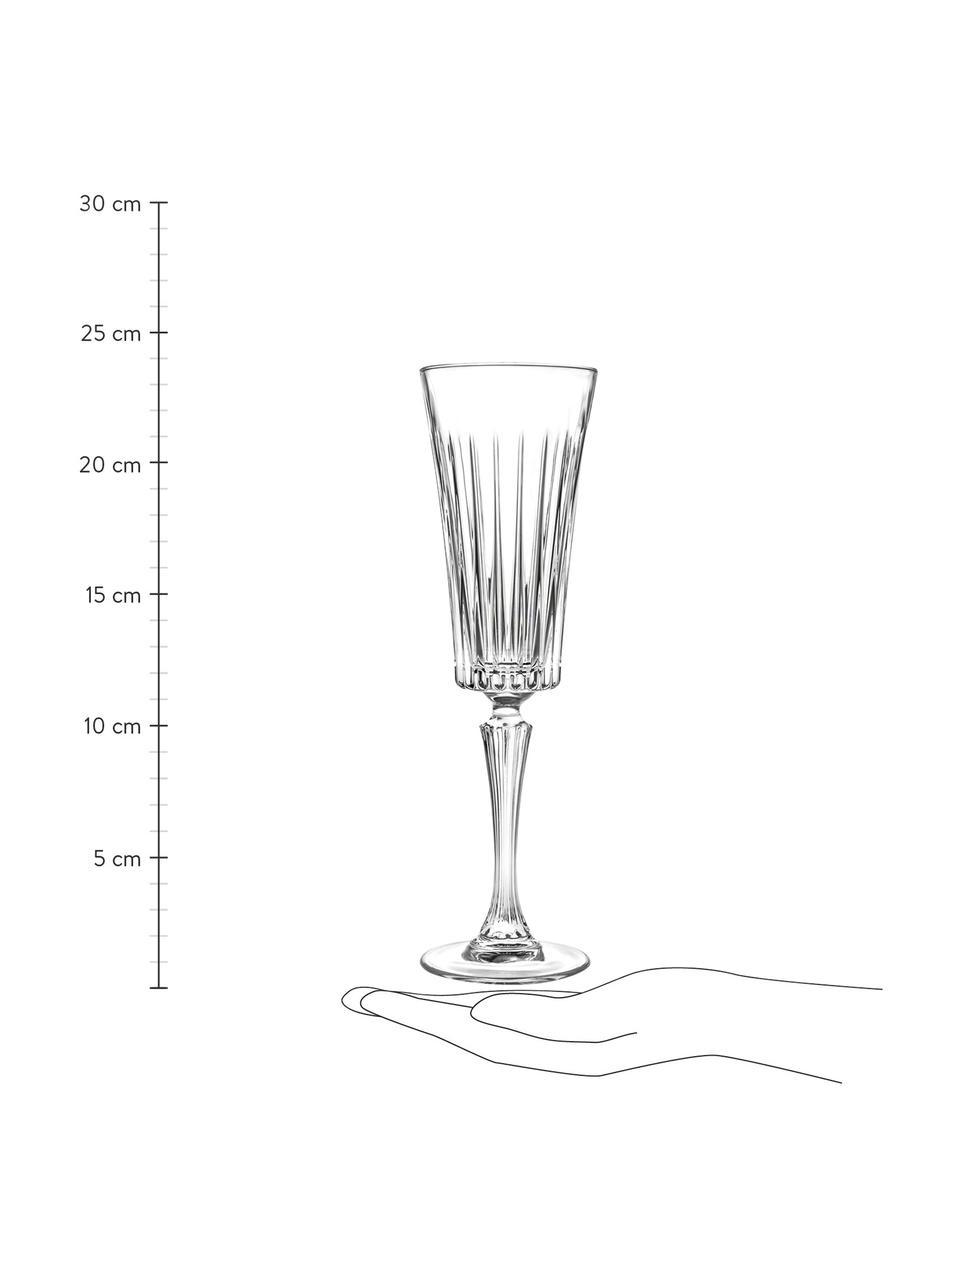 Kieliszek do szampana ze szkła kryształowego Timeless, 6 szt., Szkło kryształowe Luxion, Transparentny, Ø 7 x W 24 cm